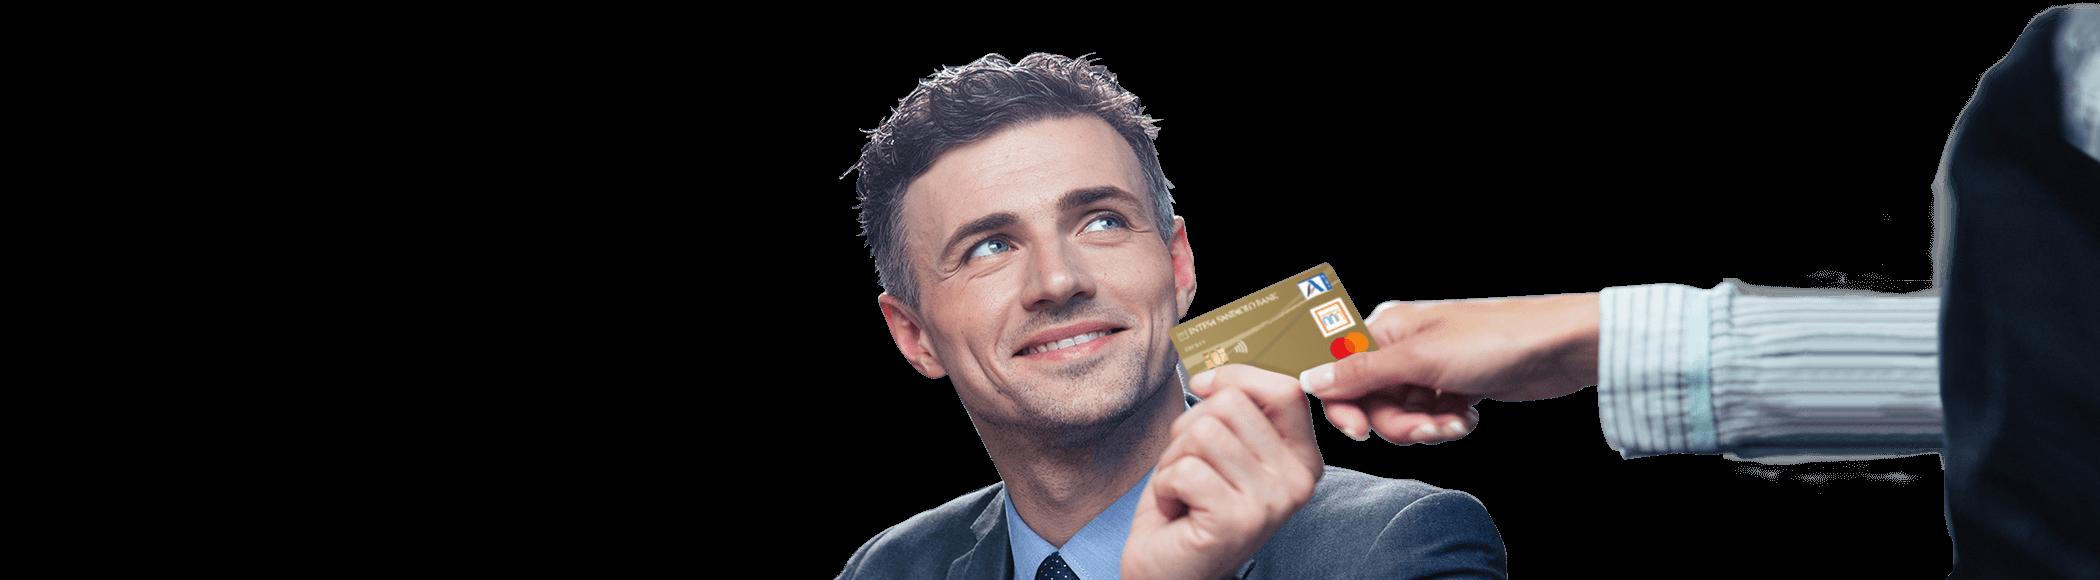 zlati kartici z odloženim plačilom oz. kreditni kartici Activa Visa in Activa Mastercard